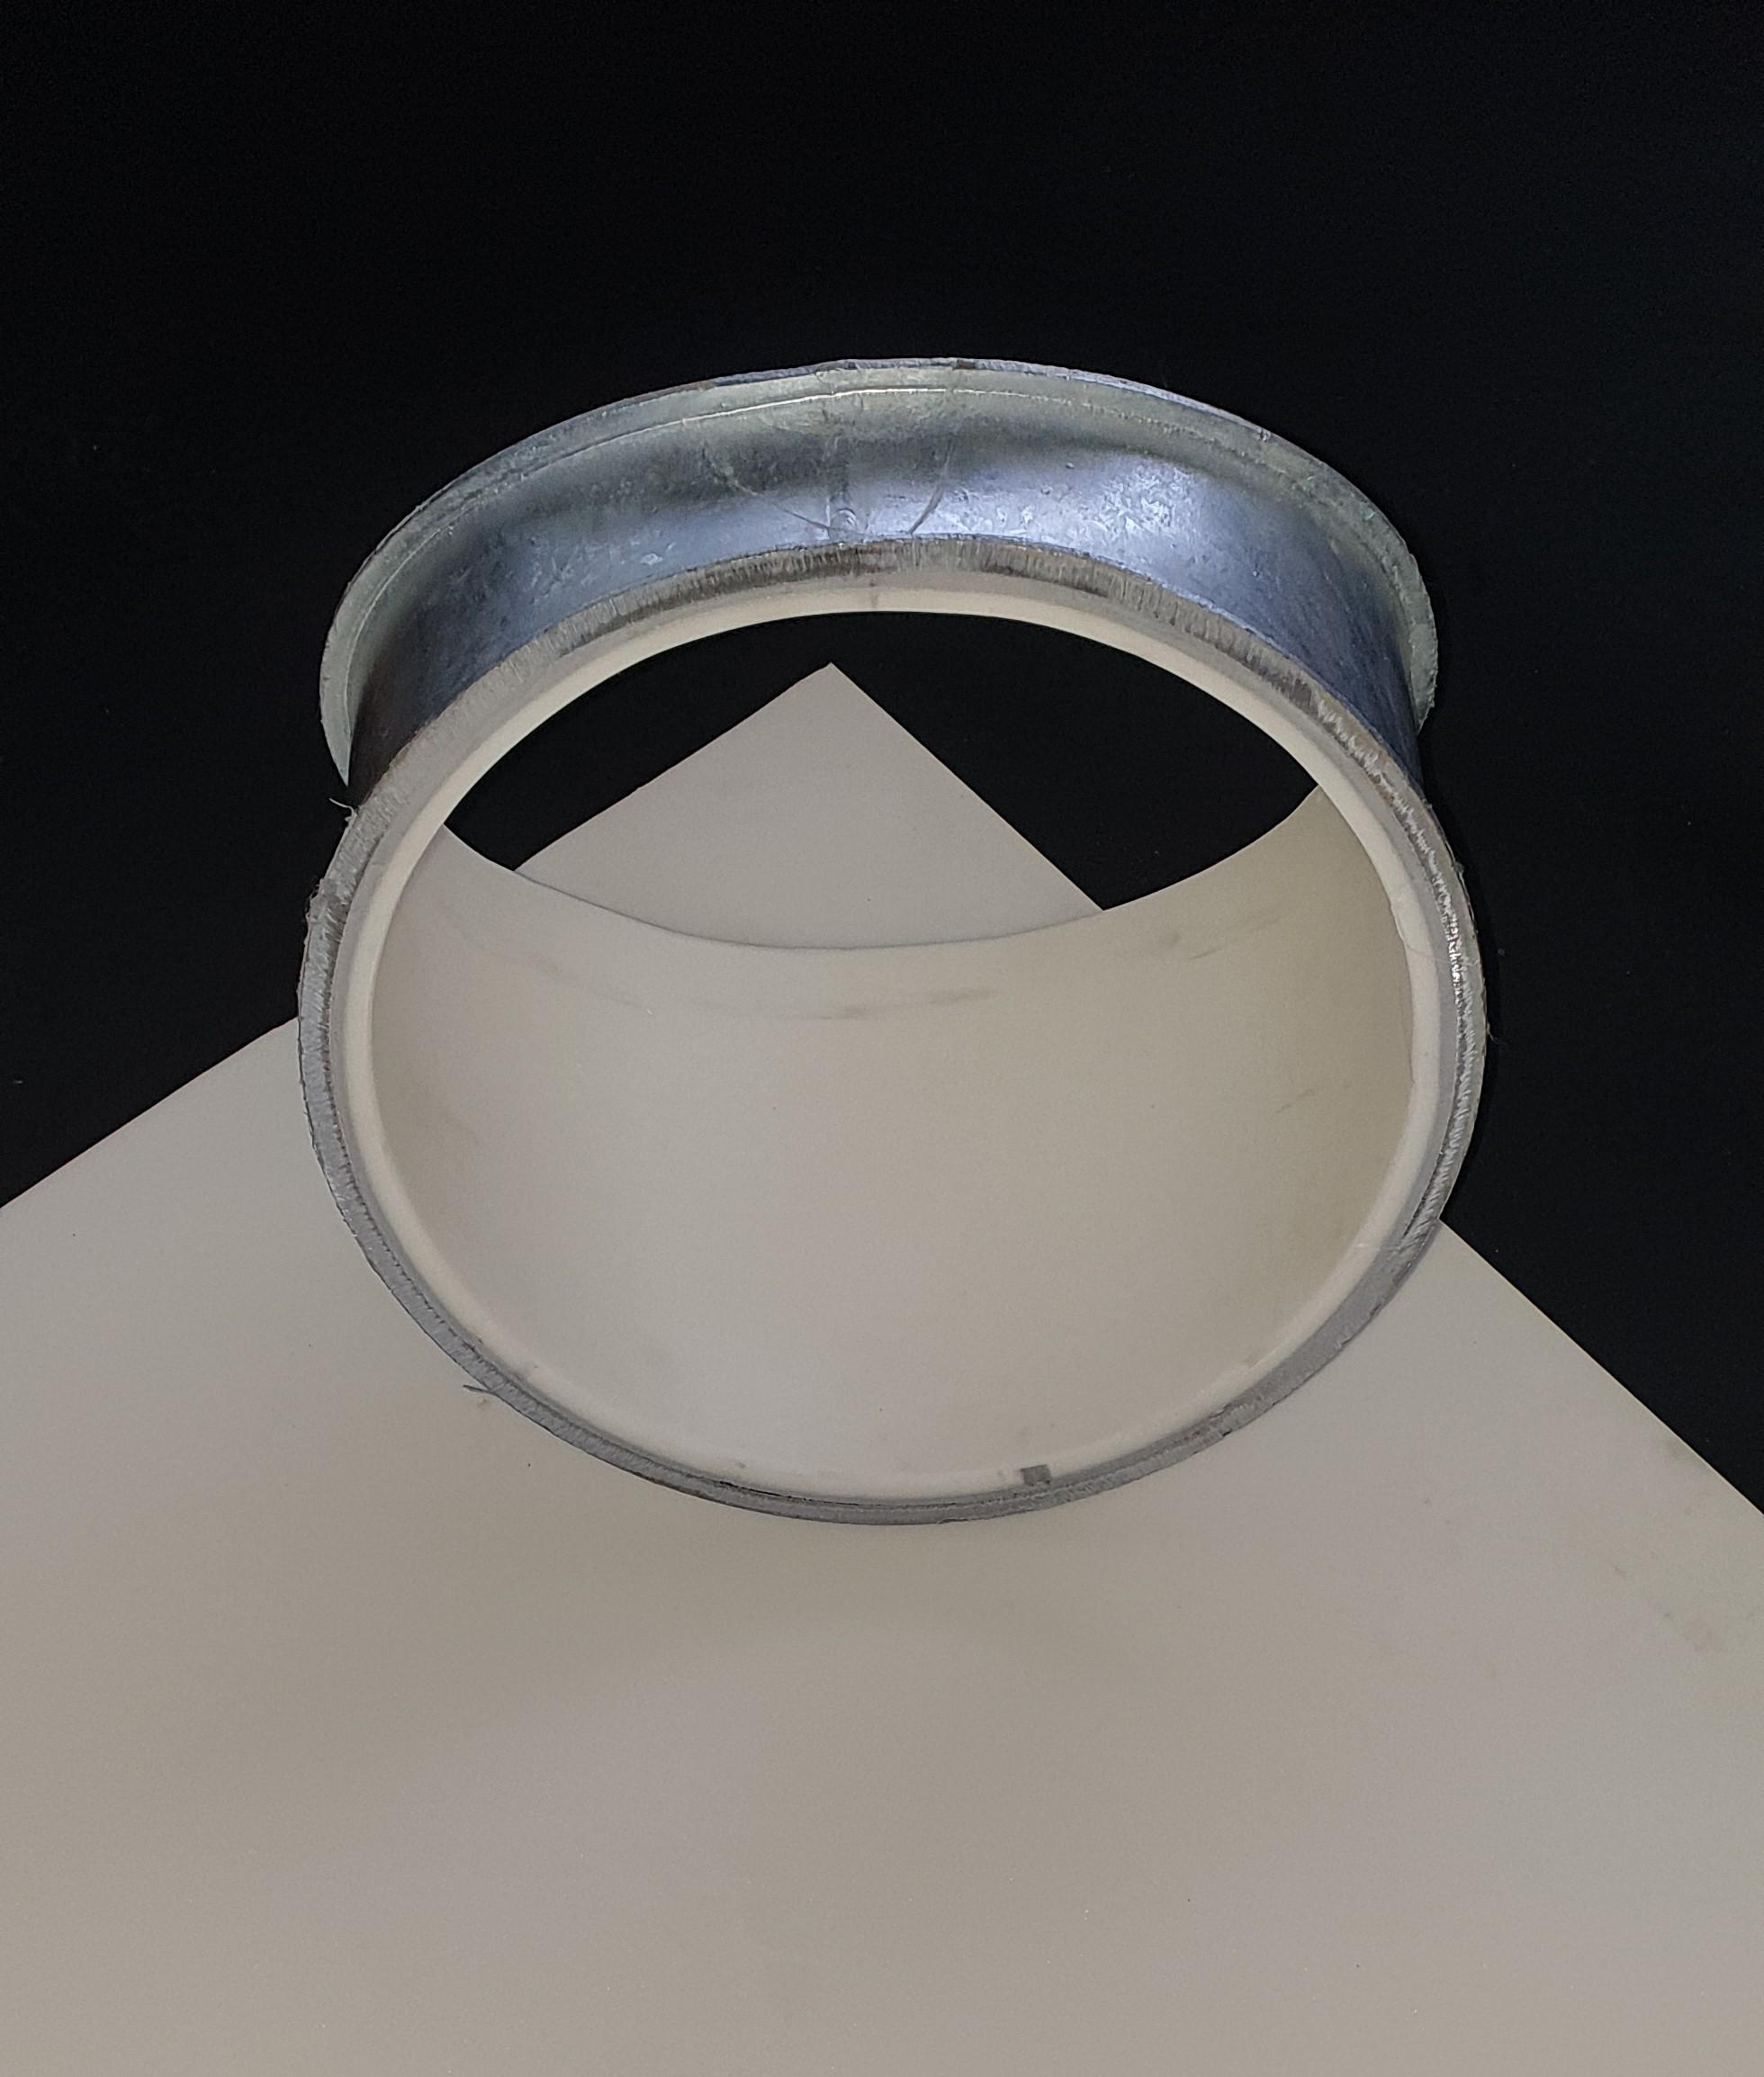 Verschleißschutz - Platte Polyurethan mit Streckgitter 1990 x 990 x 8 mm